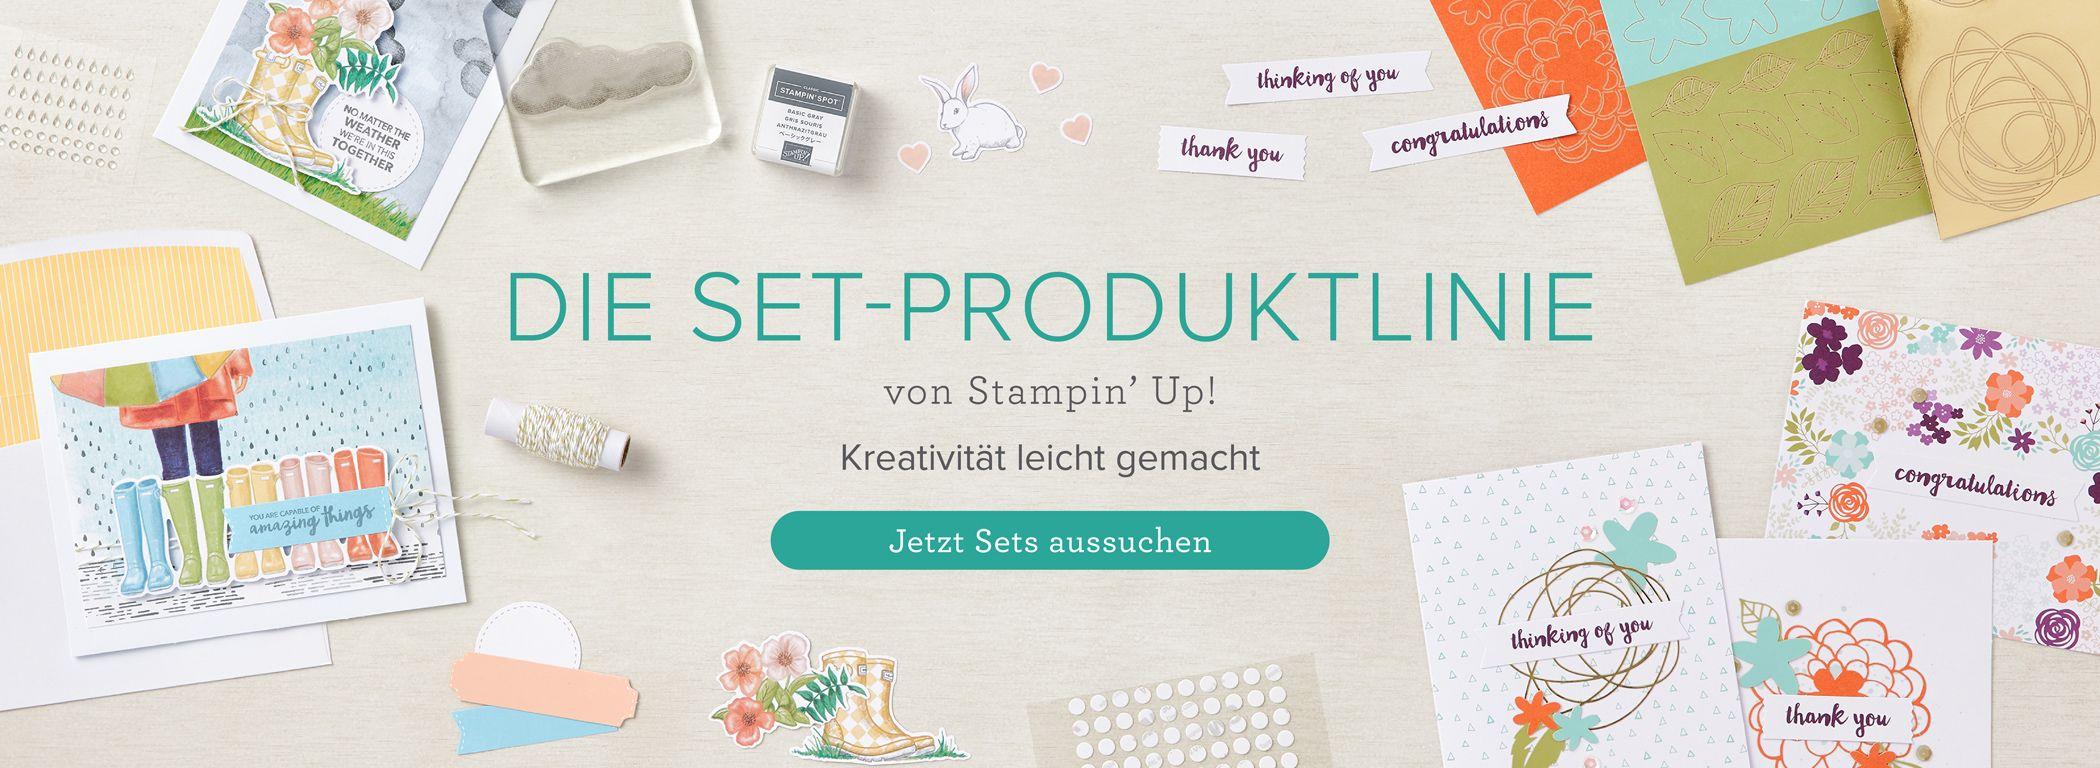 Stampin' Up! Set-Produktlinie